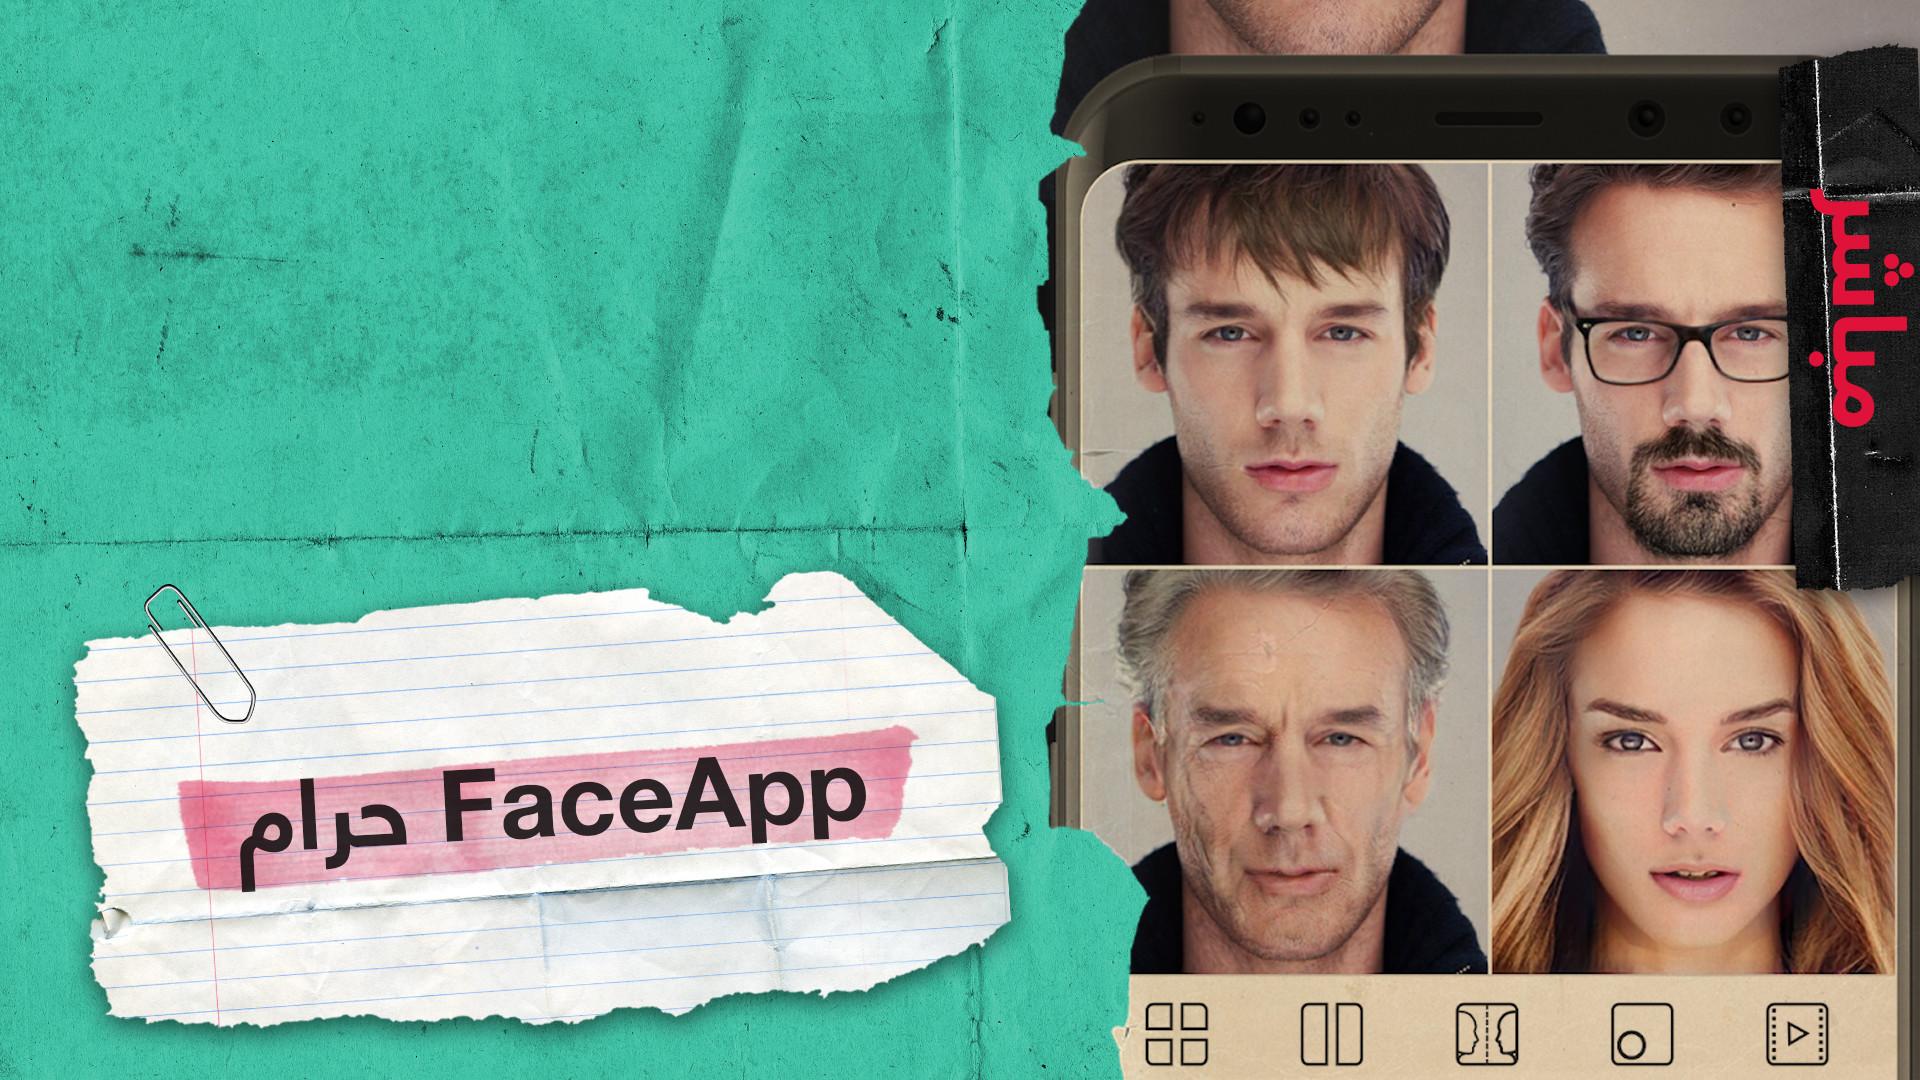 """فتاوى ضد تطبيق """"face app"""" الذي يغزو العالم.. لماذا؟"""